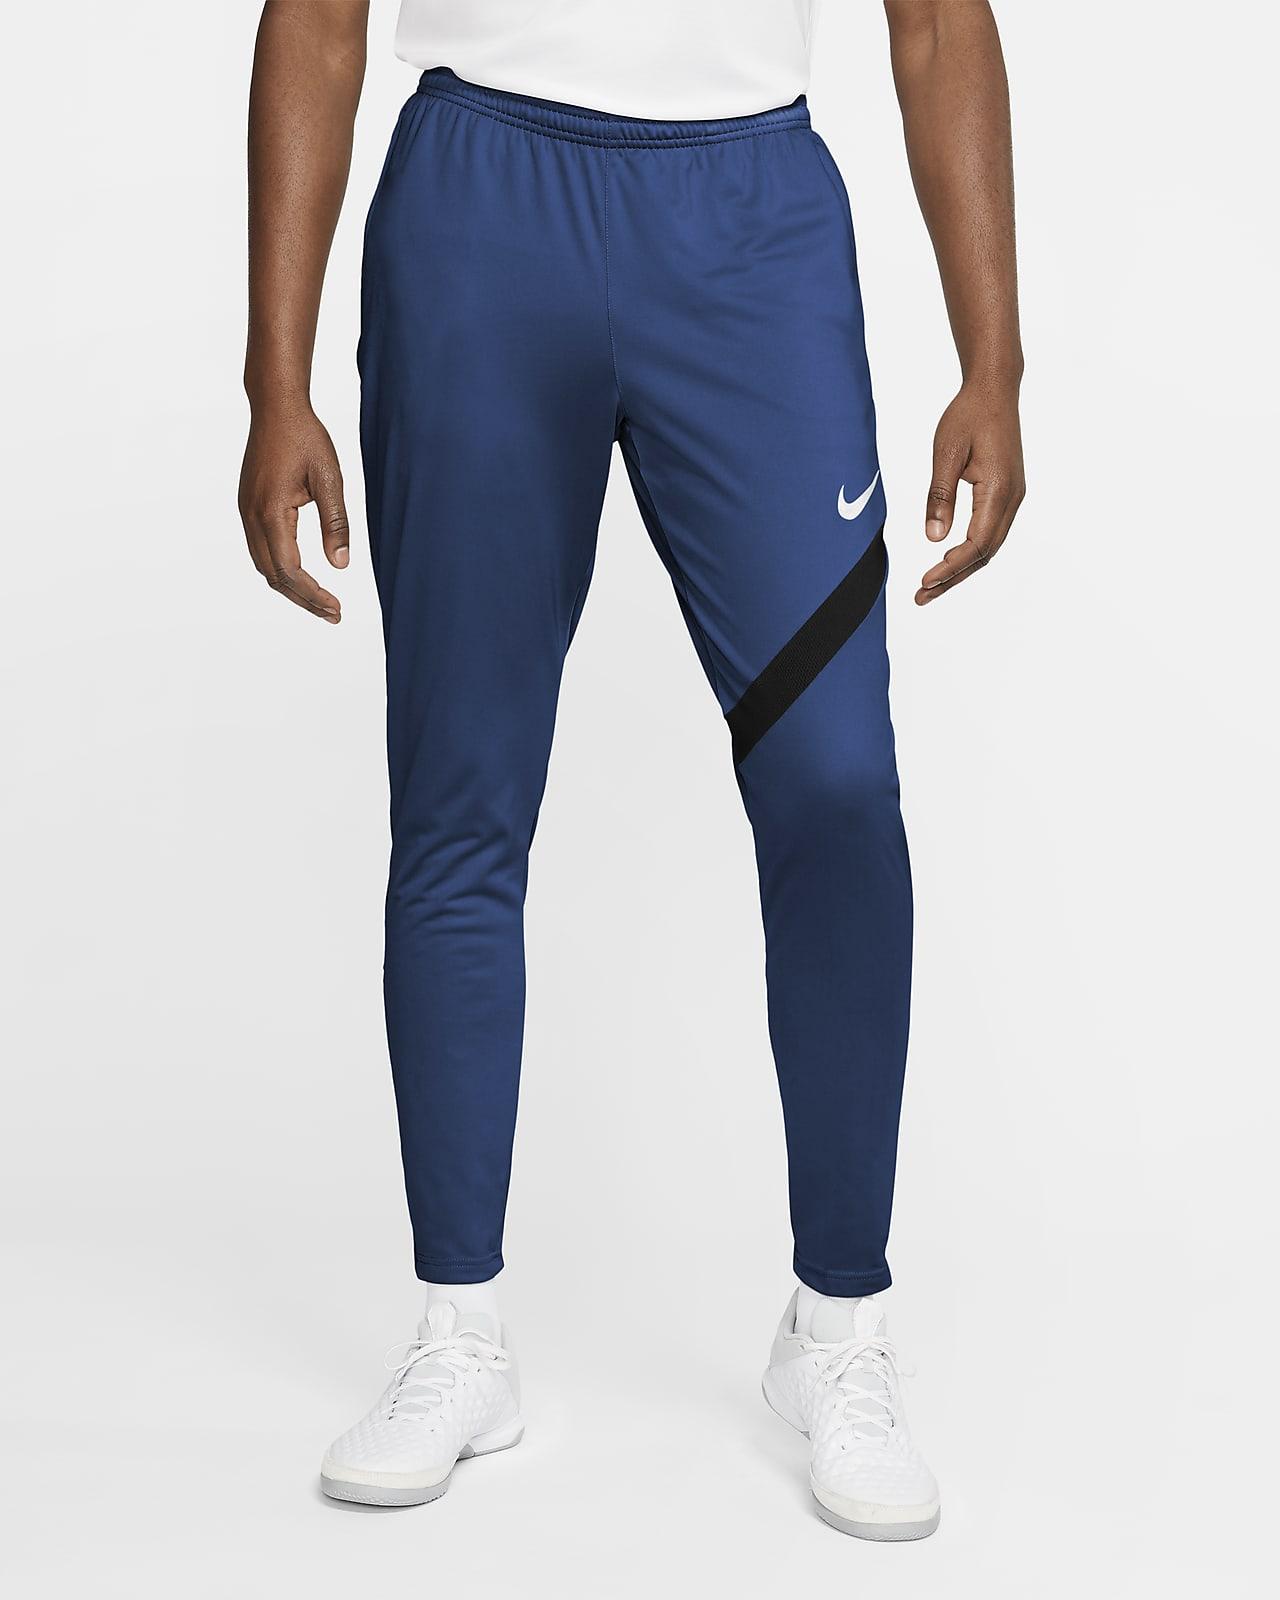 Nike Dri-FIT Academy Pro Voetbalbroek voor heren